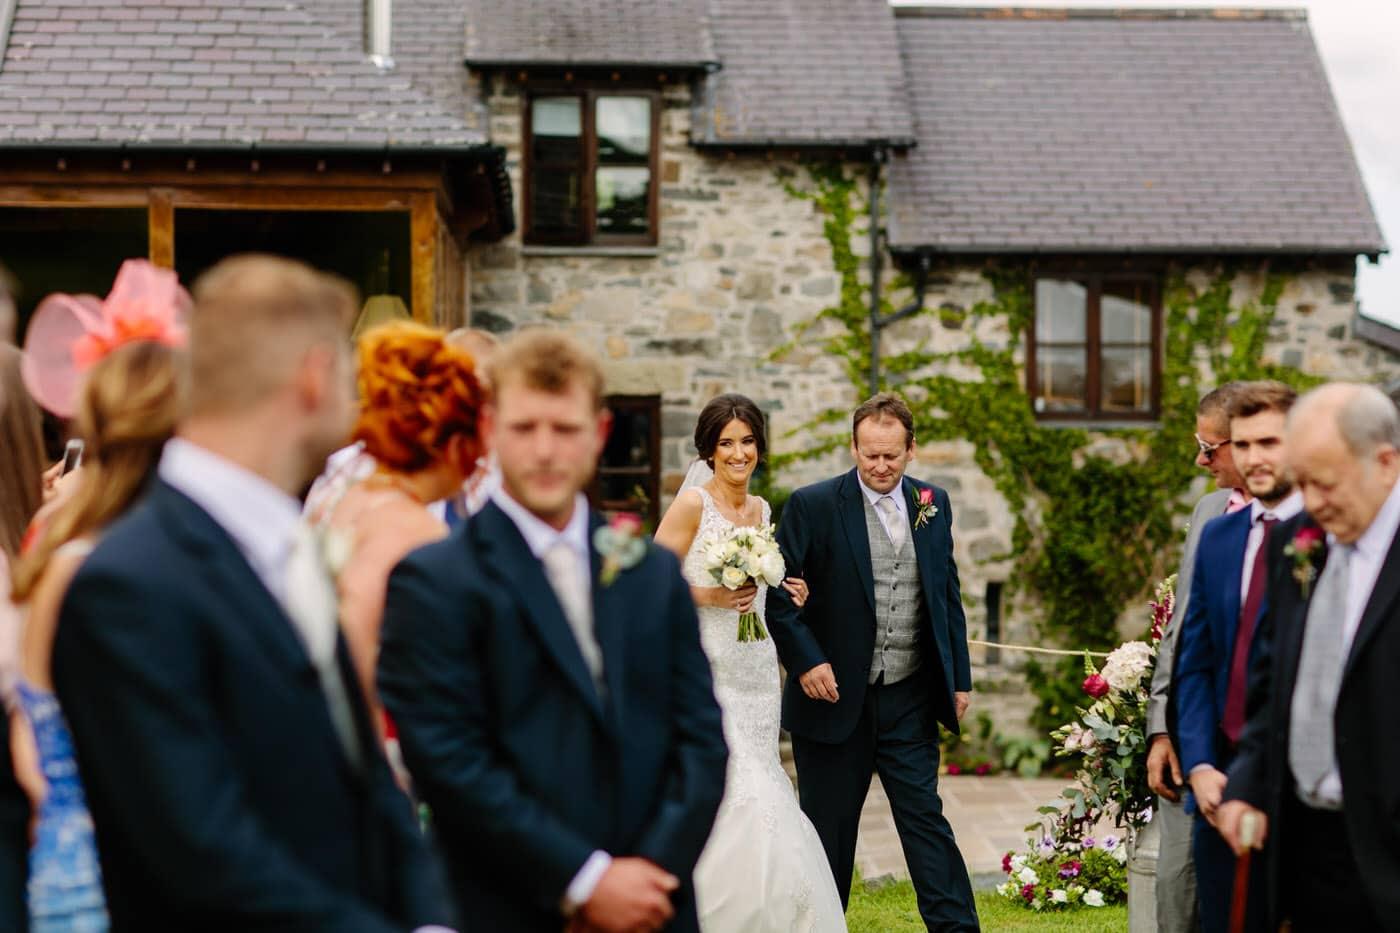 SG NORTH WALES WEDDING 499